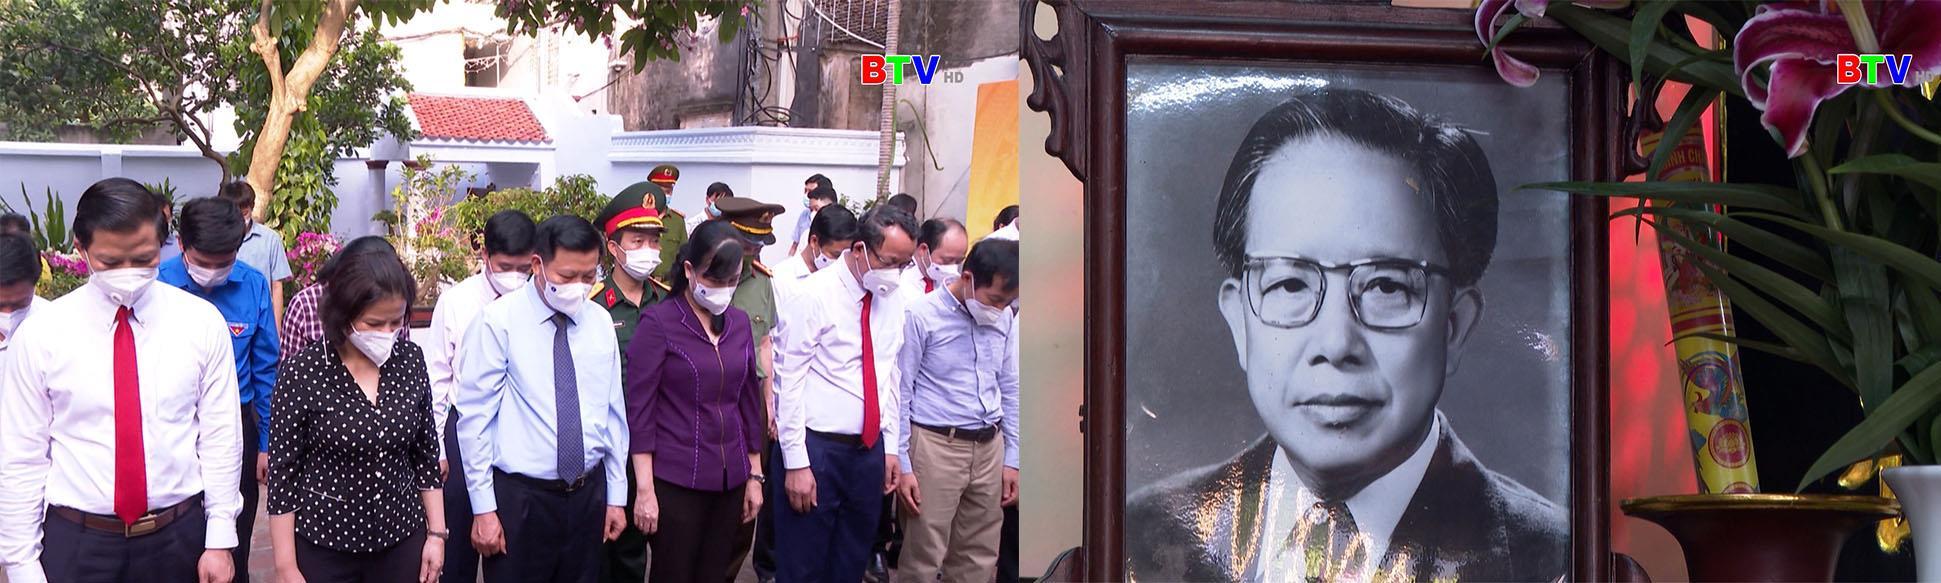 Lãnh đạo tỉnh dâng hương nhân kỷ niệm 100 năm Ngày sinh Chủ tịch Quốc hội Lê Quang Đạo